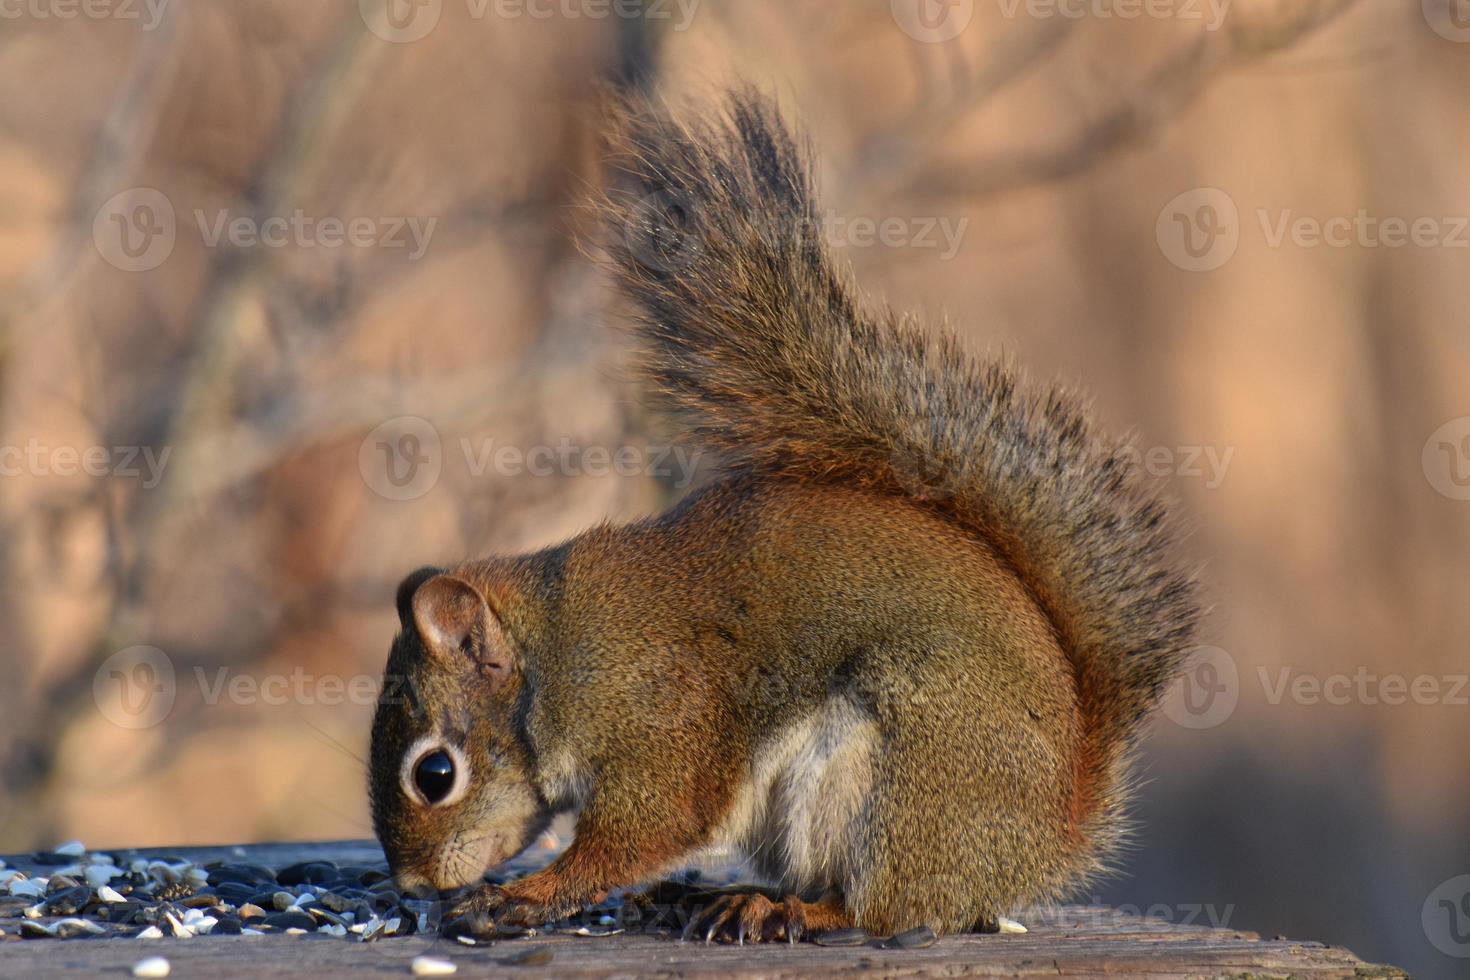 rode eekhoorn voeding foto